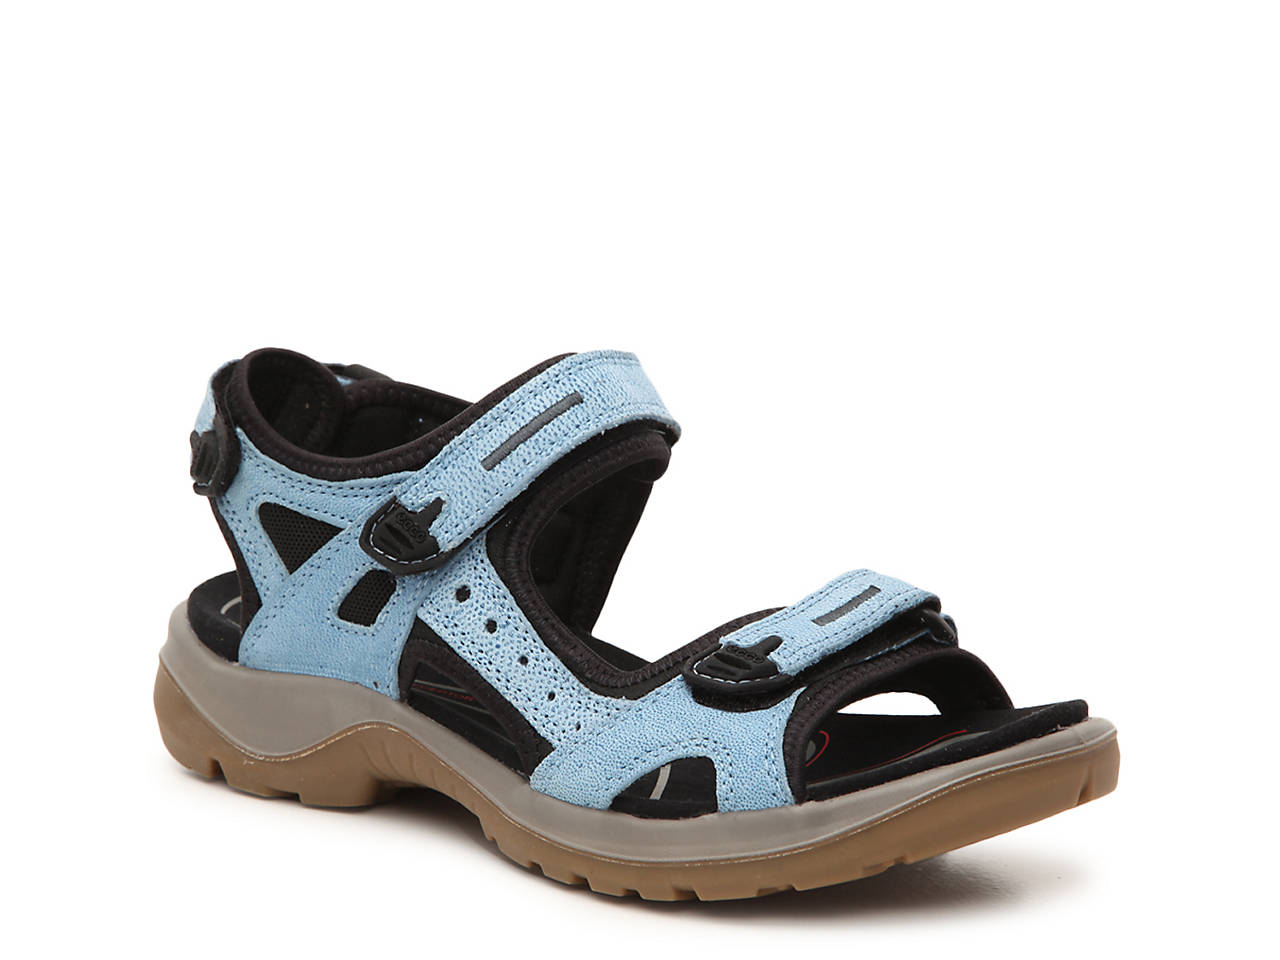 ECCO Offroad Sandal Women's Shoes | DSW